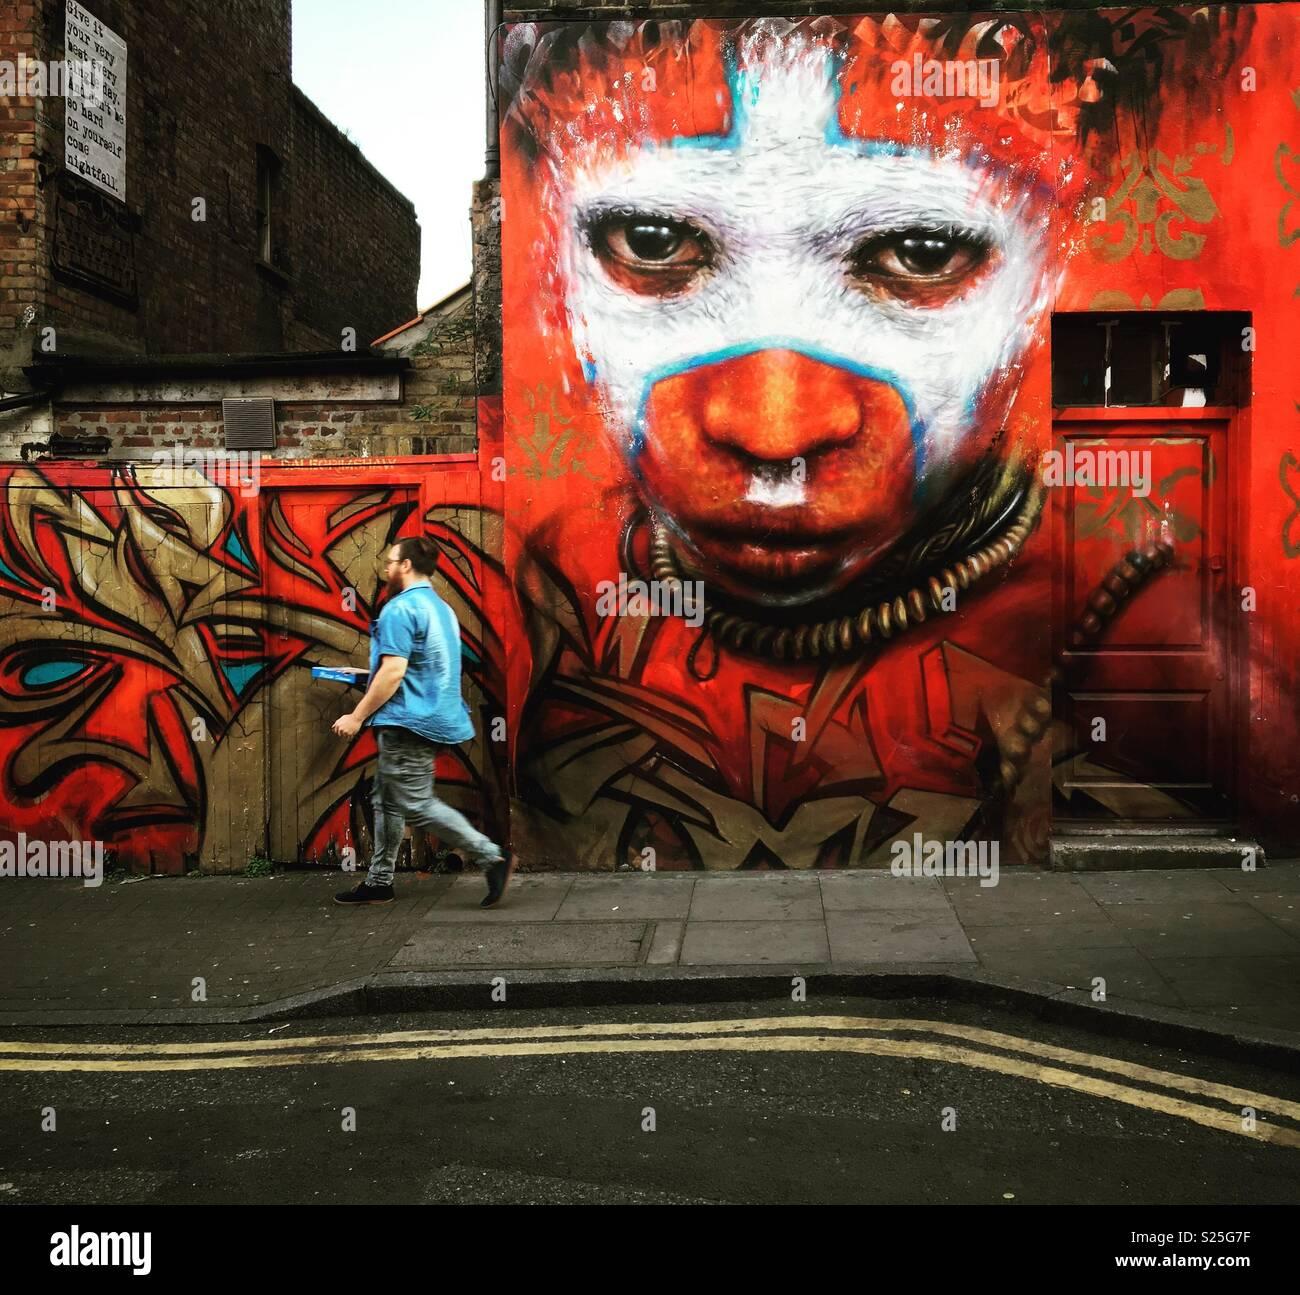 Guy caminando por edificio con arte callejero en East London Imagen De Stock